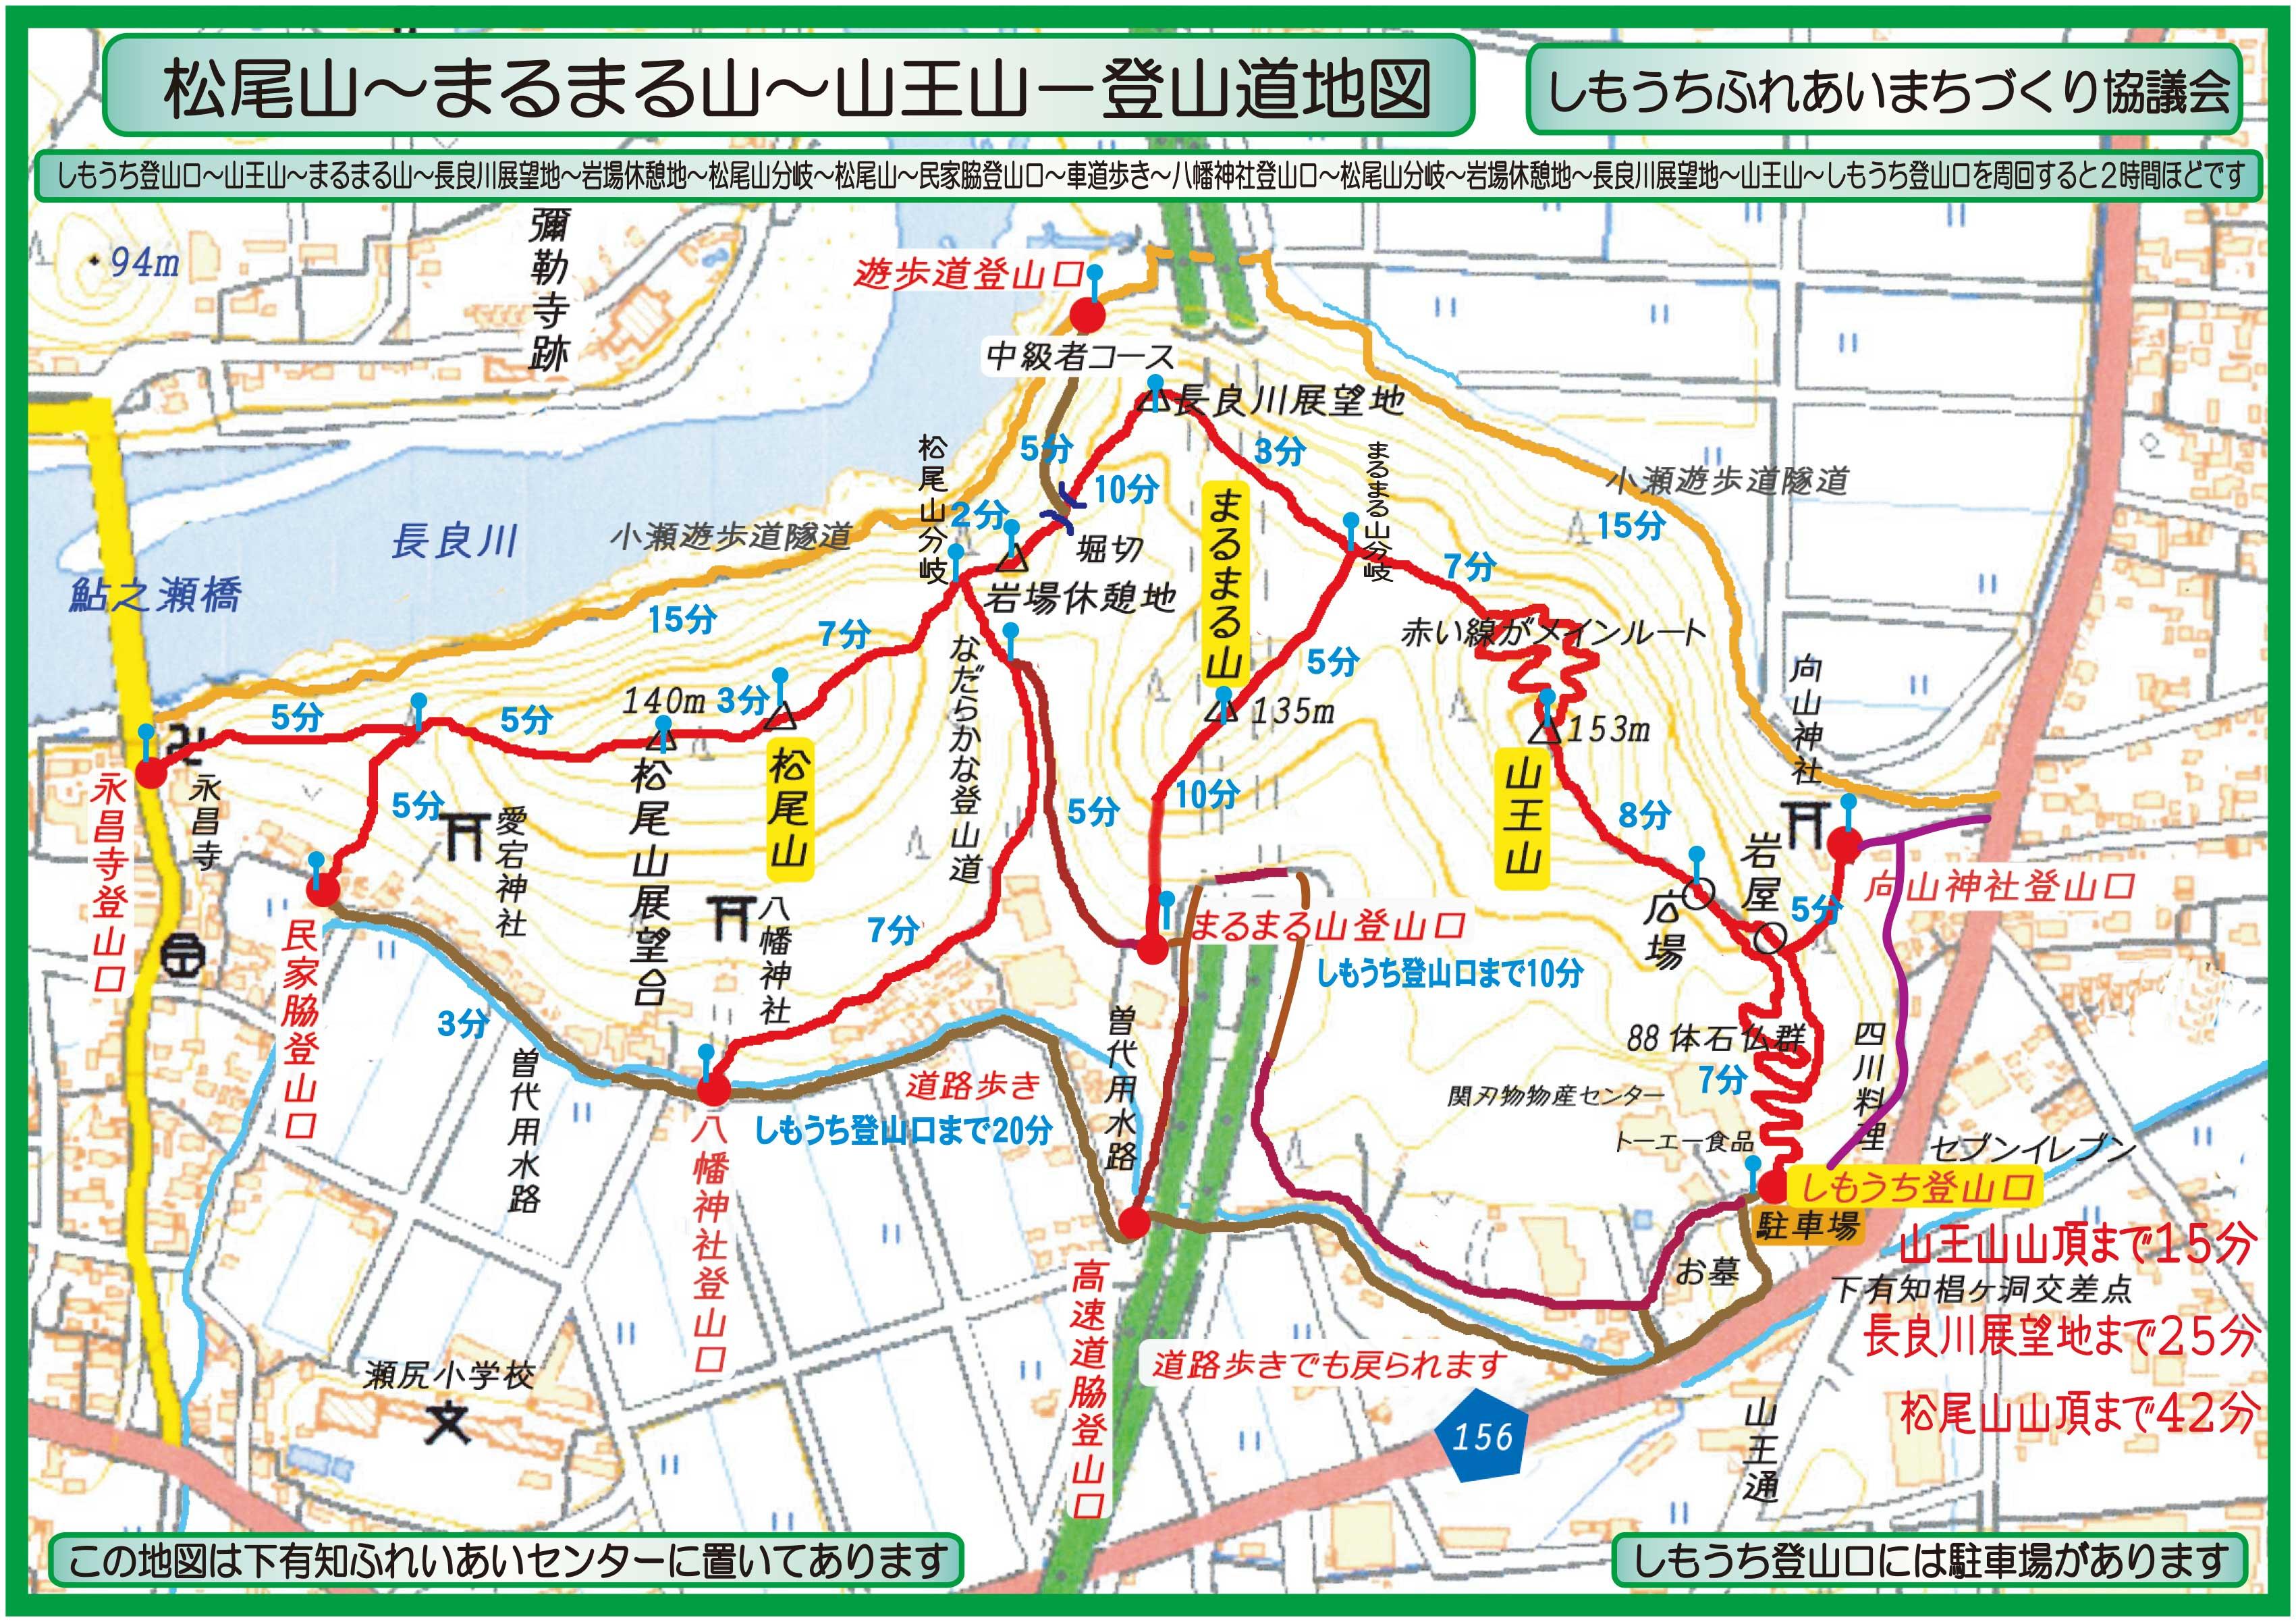 山王山 松尾山の登山道地図